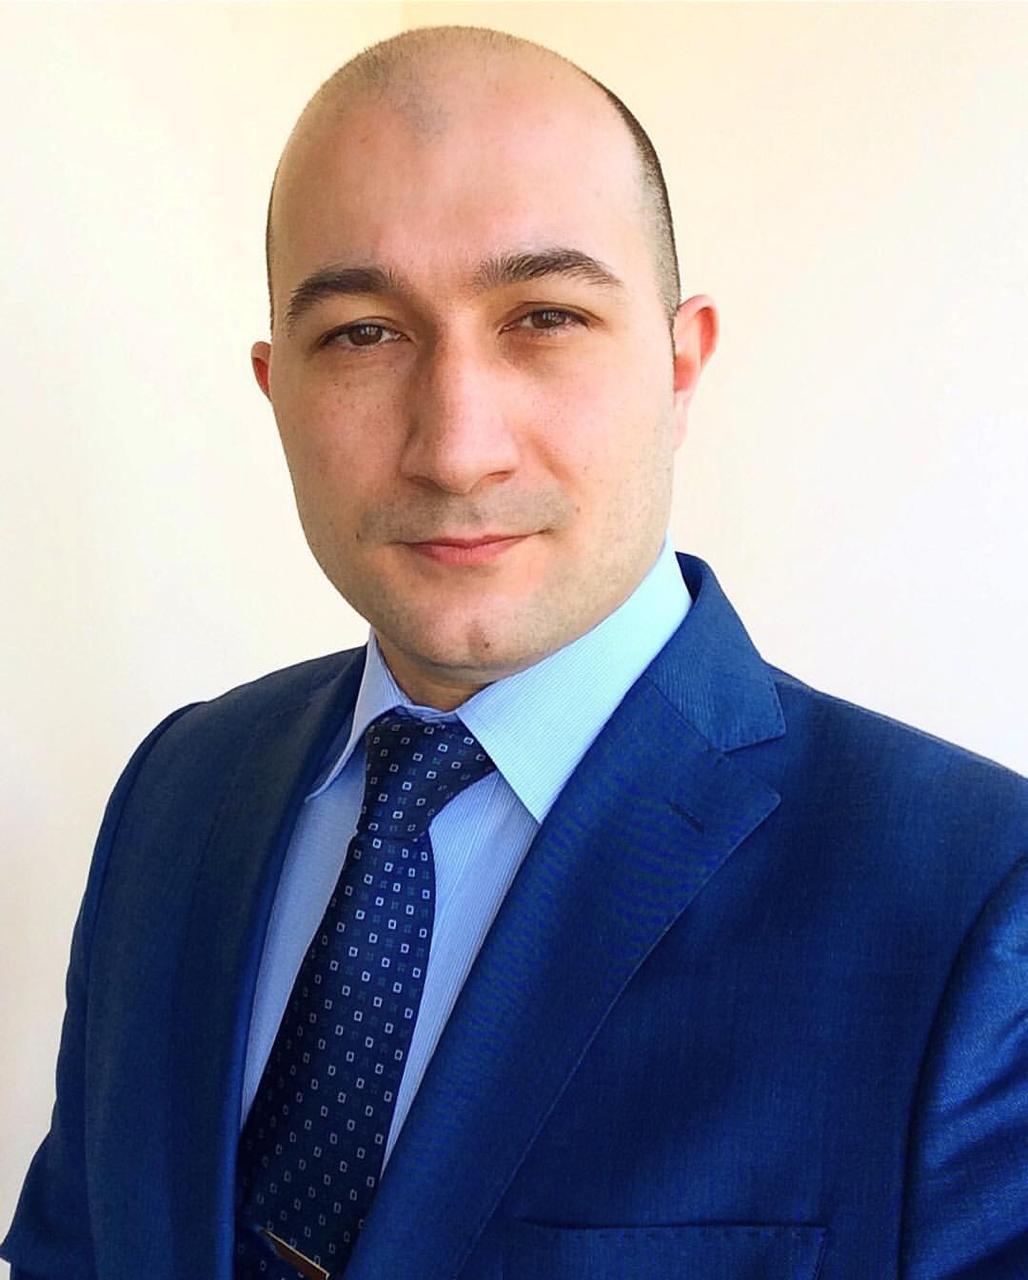 Бизнес на удаленке: как правильно управлять коллективом дистанционных работников. Рассказывает Кирилл Марин